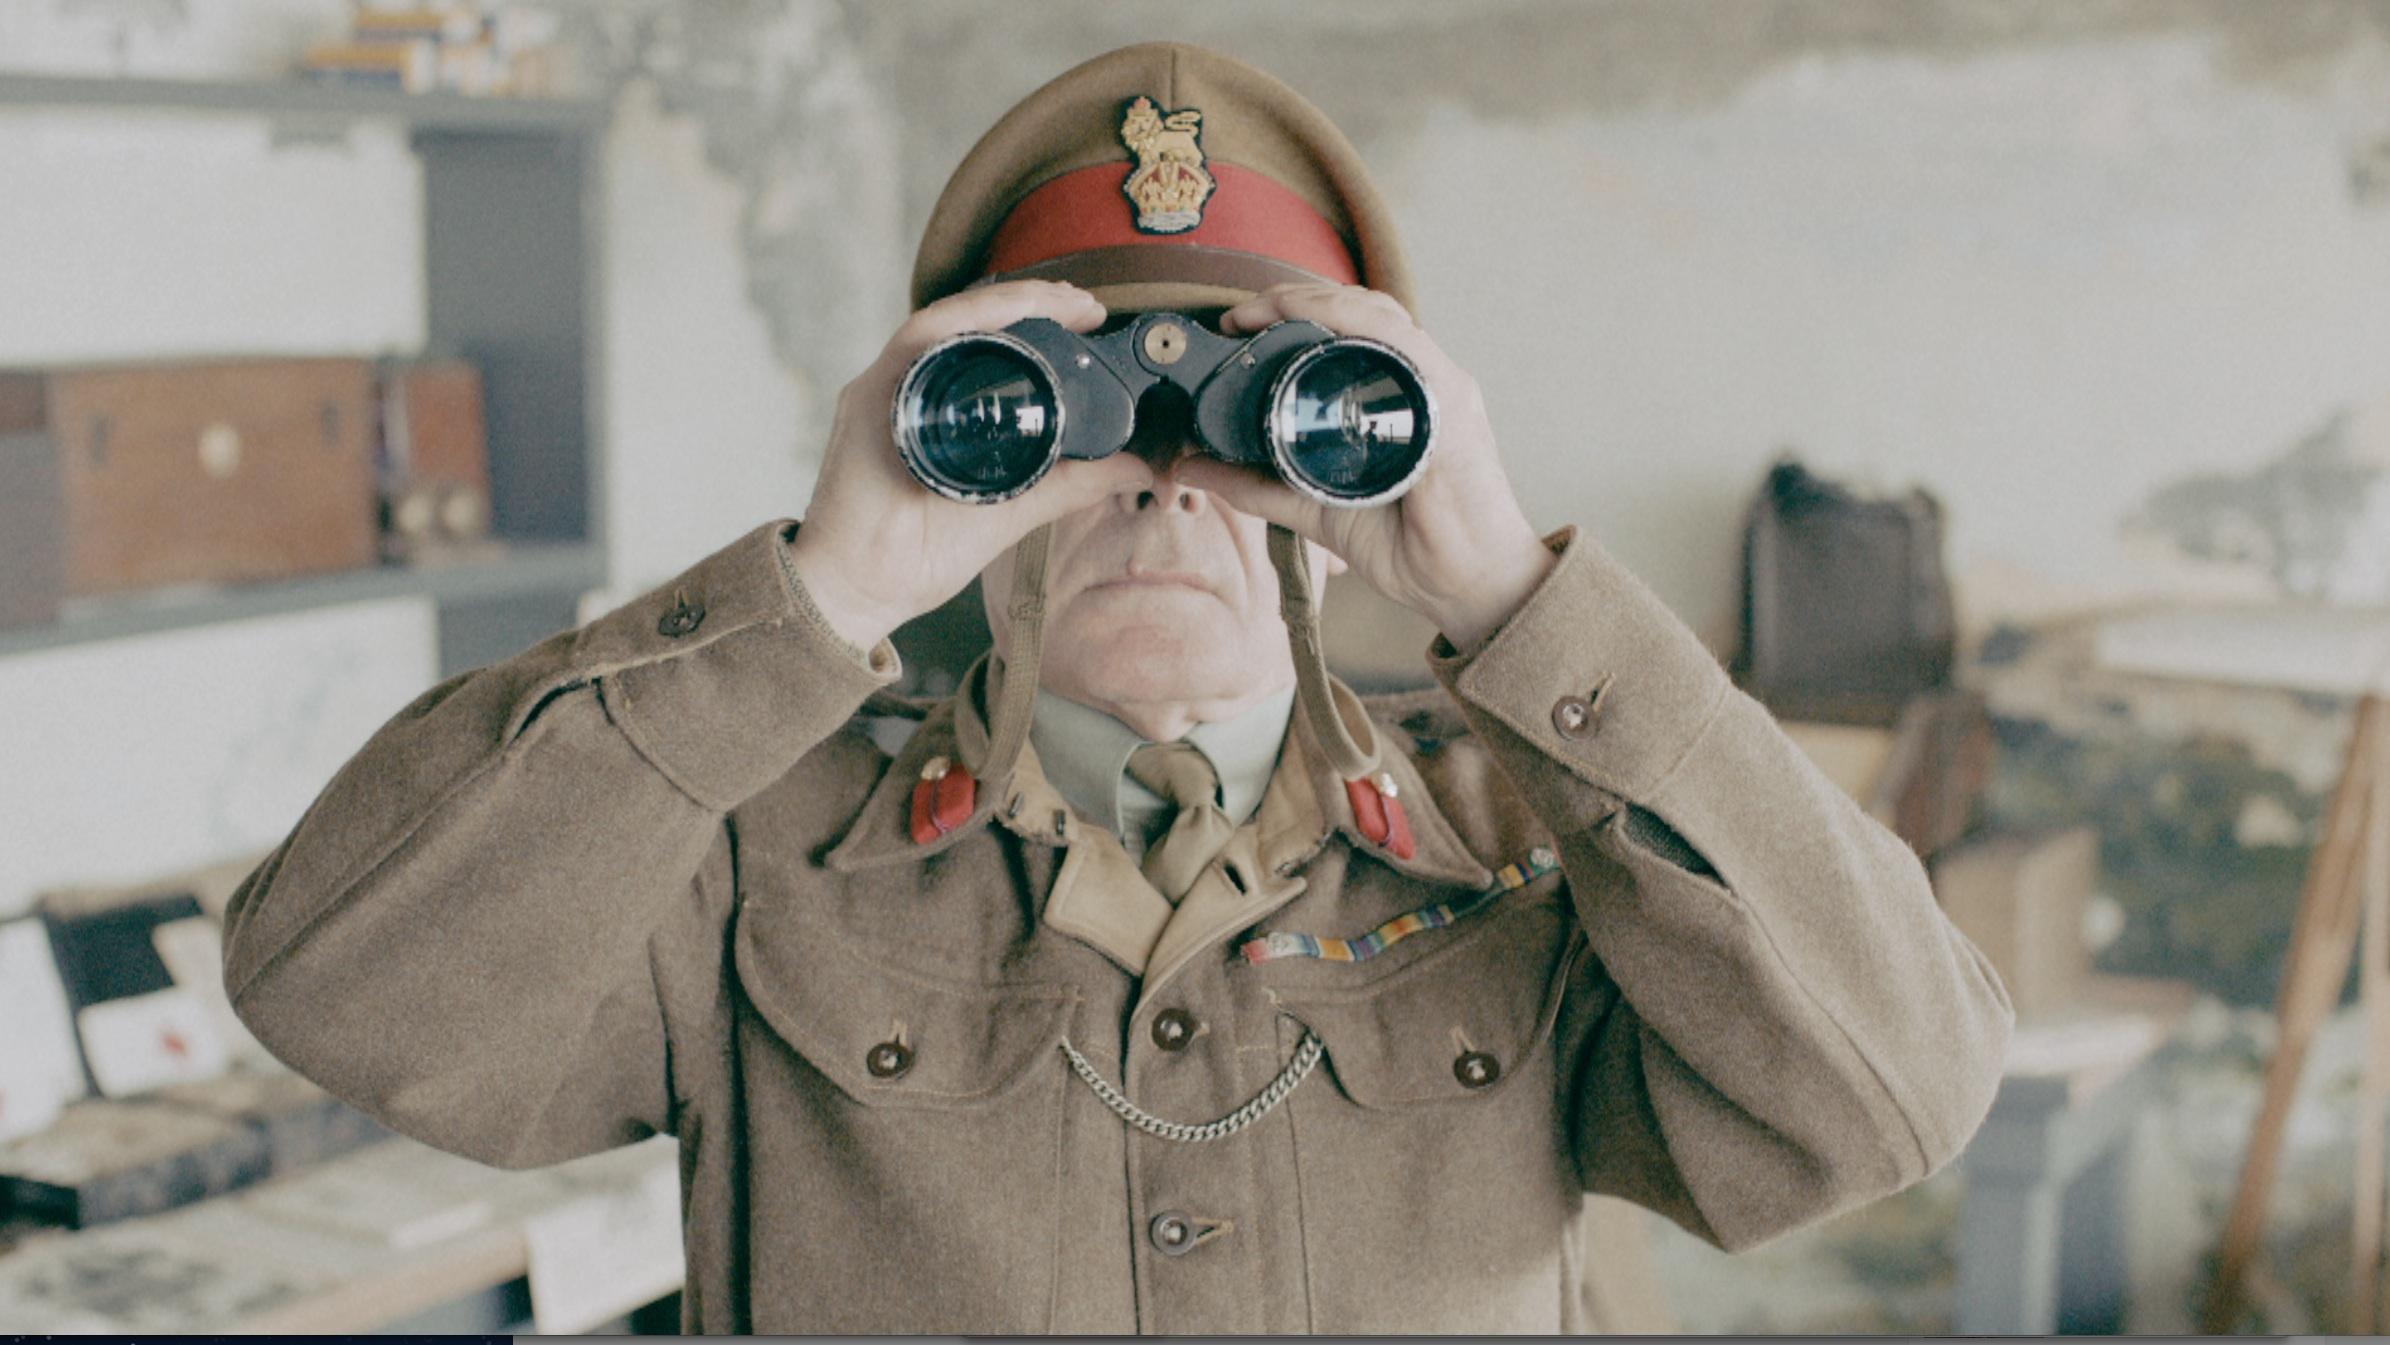 soldier with binoculars.jpg